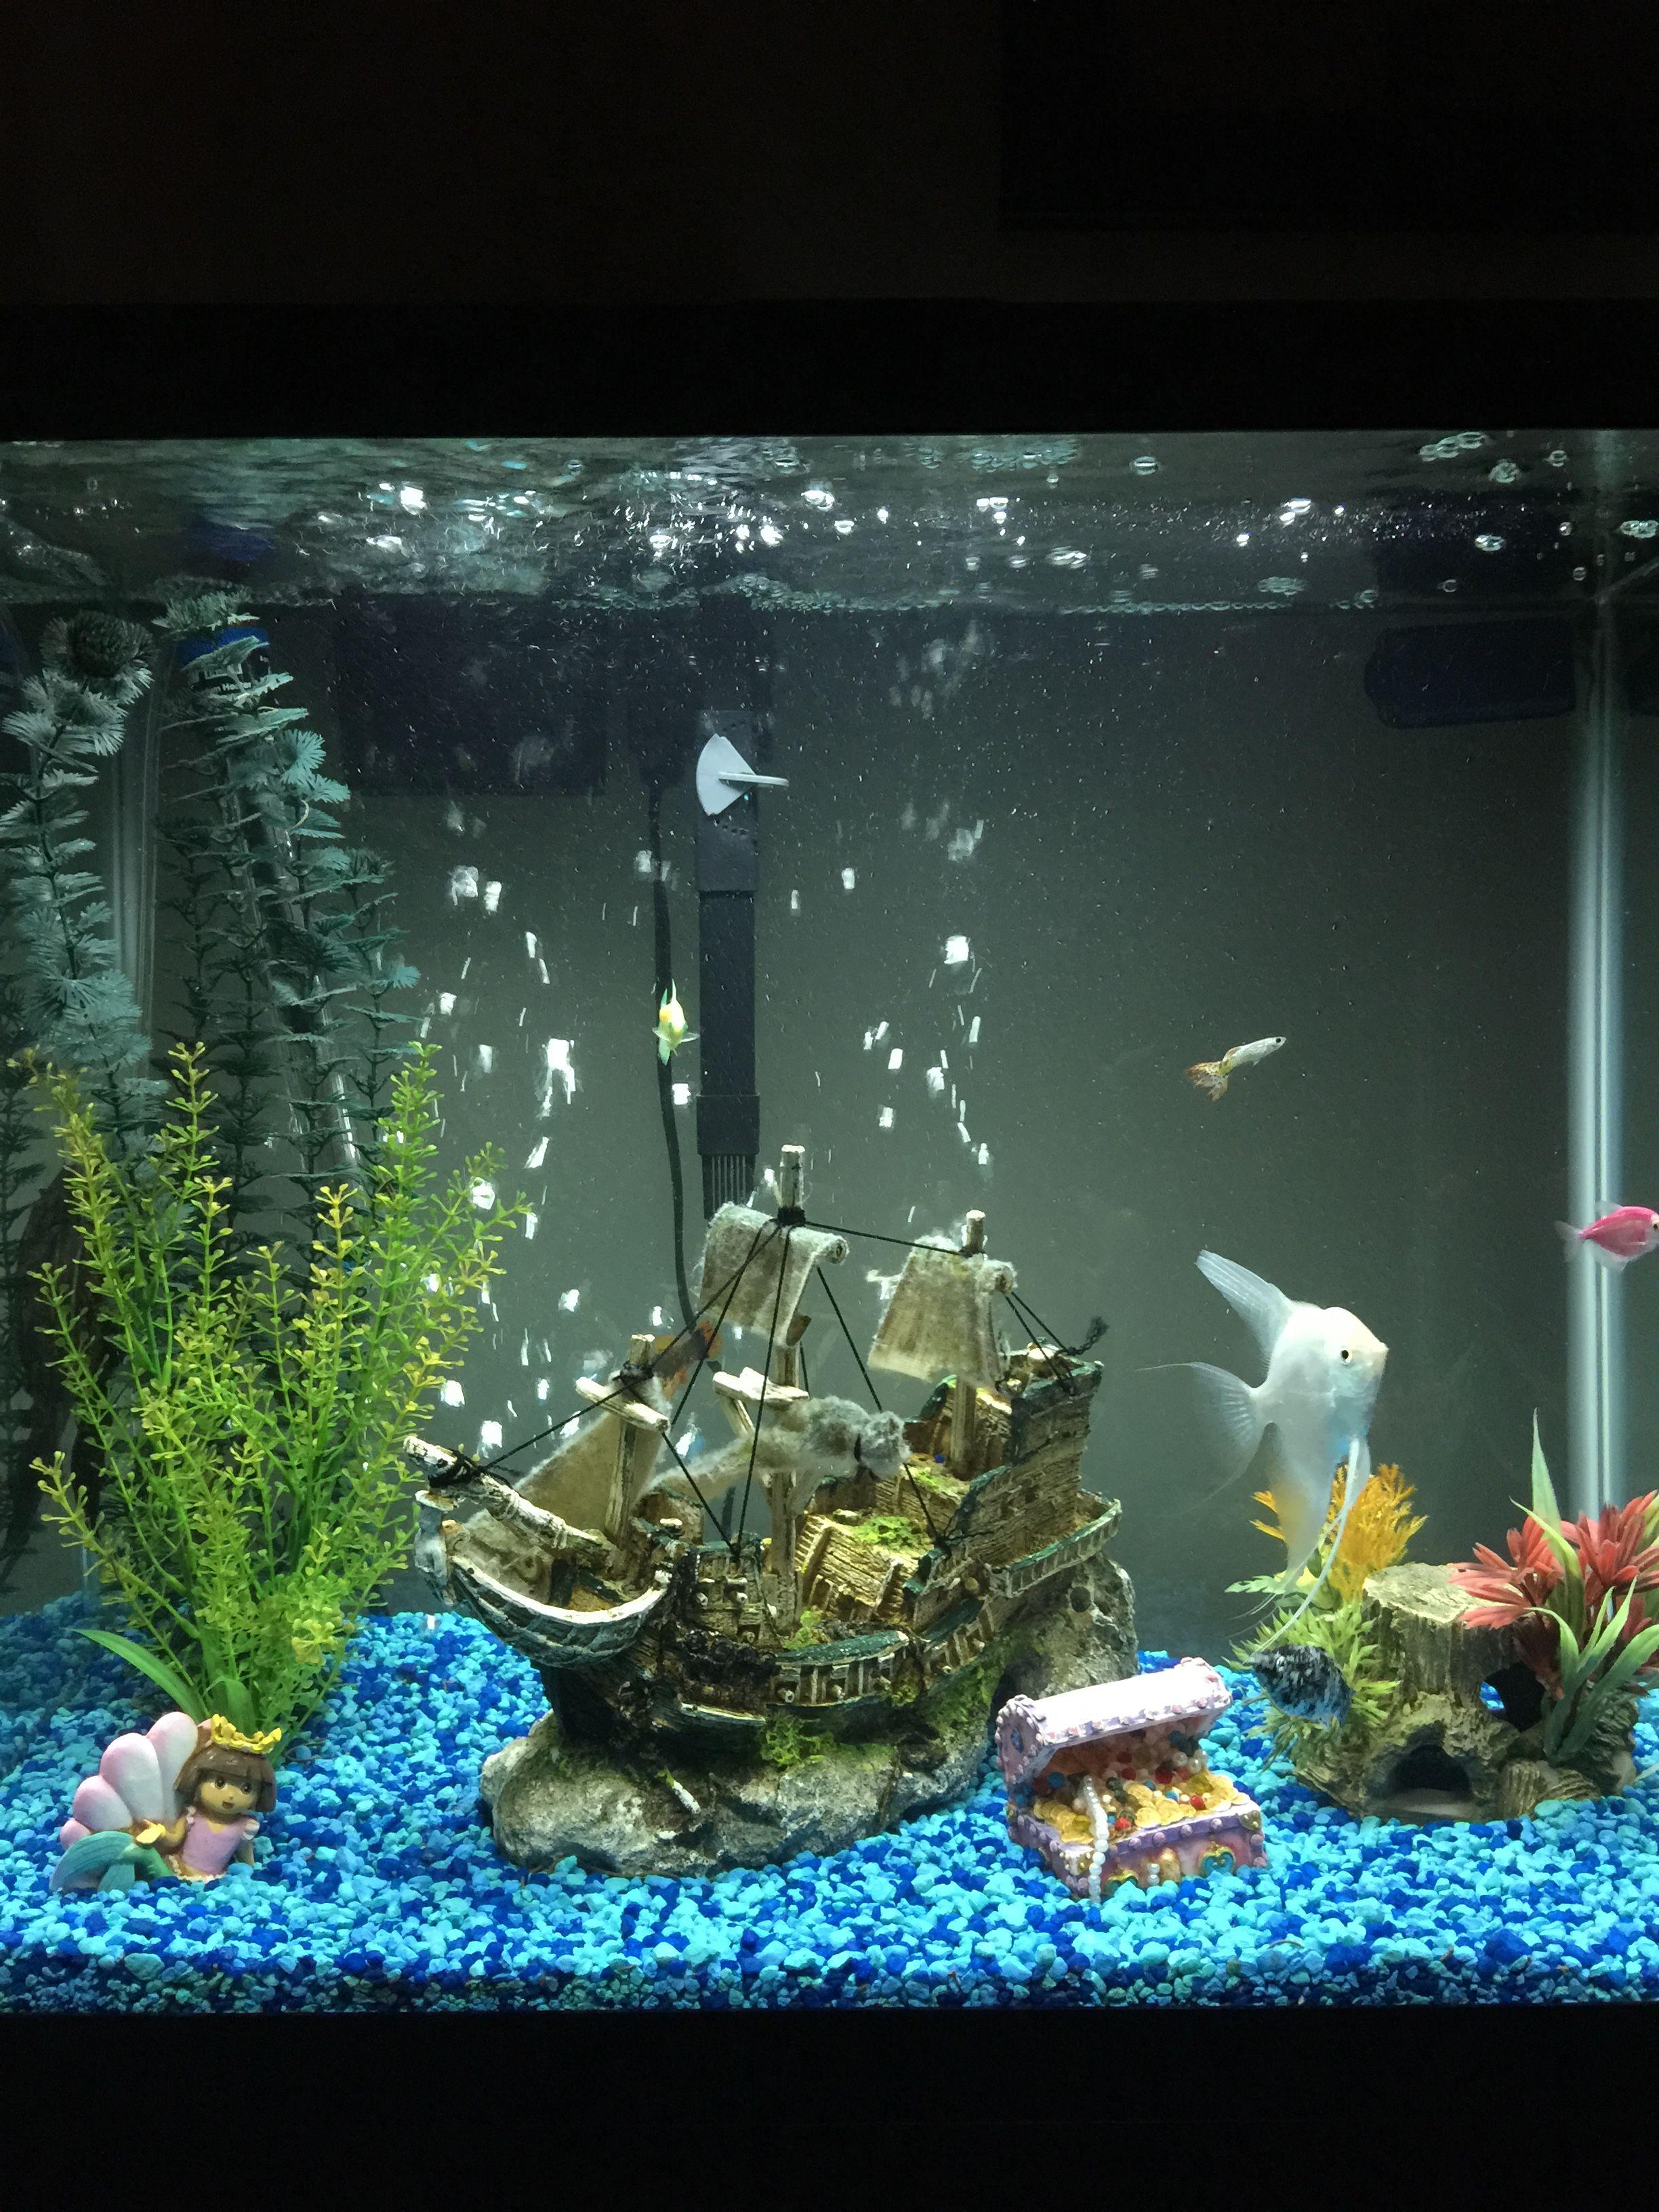 Peceras Tropical Fish Aquarium Fish Tank Planted Aquarium